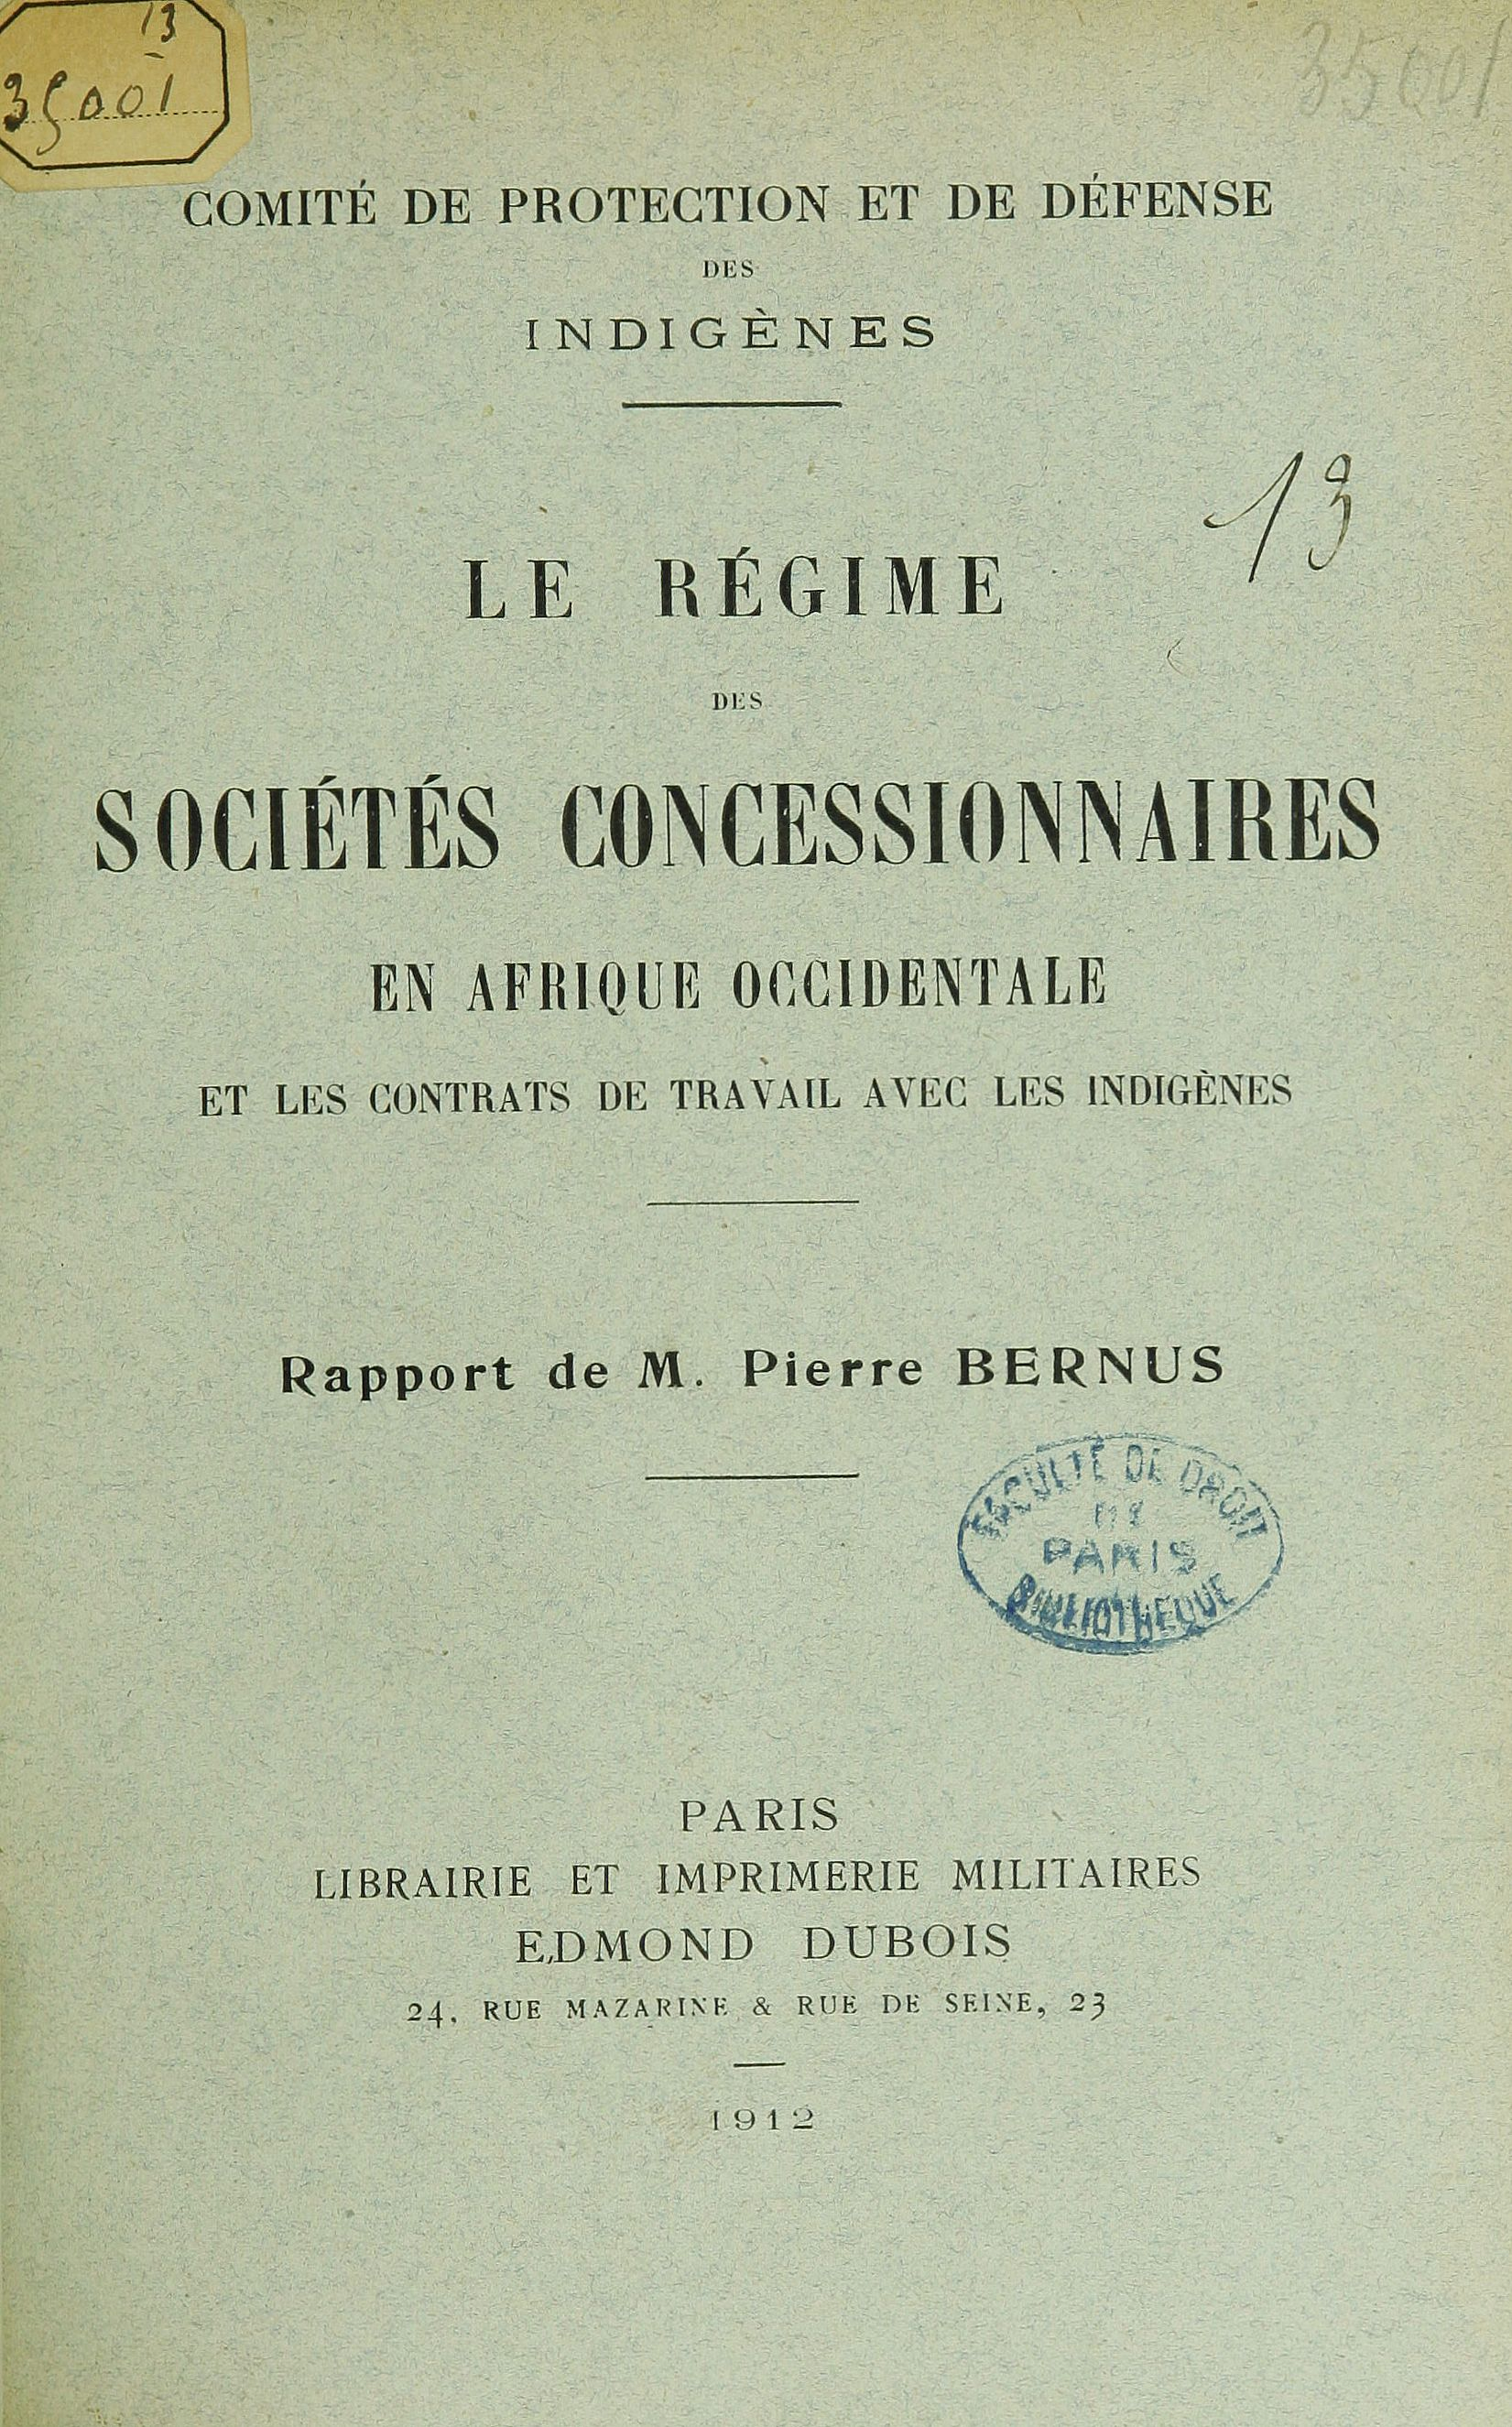 Galerie Publications du Comité de protection et de défense des